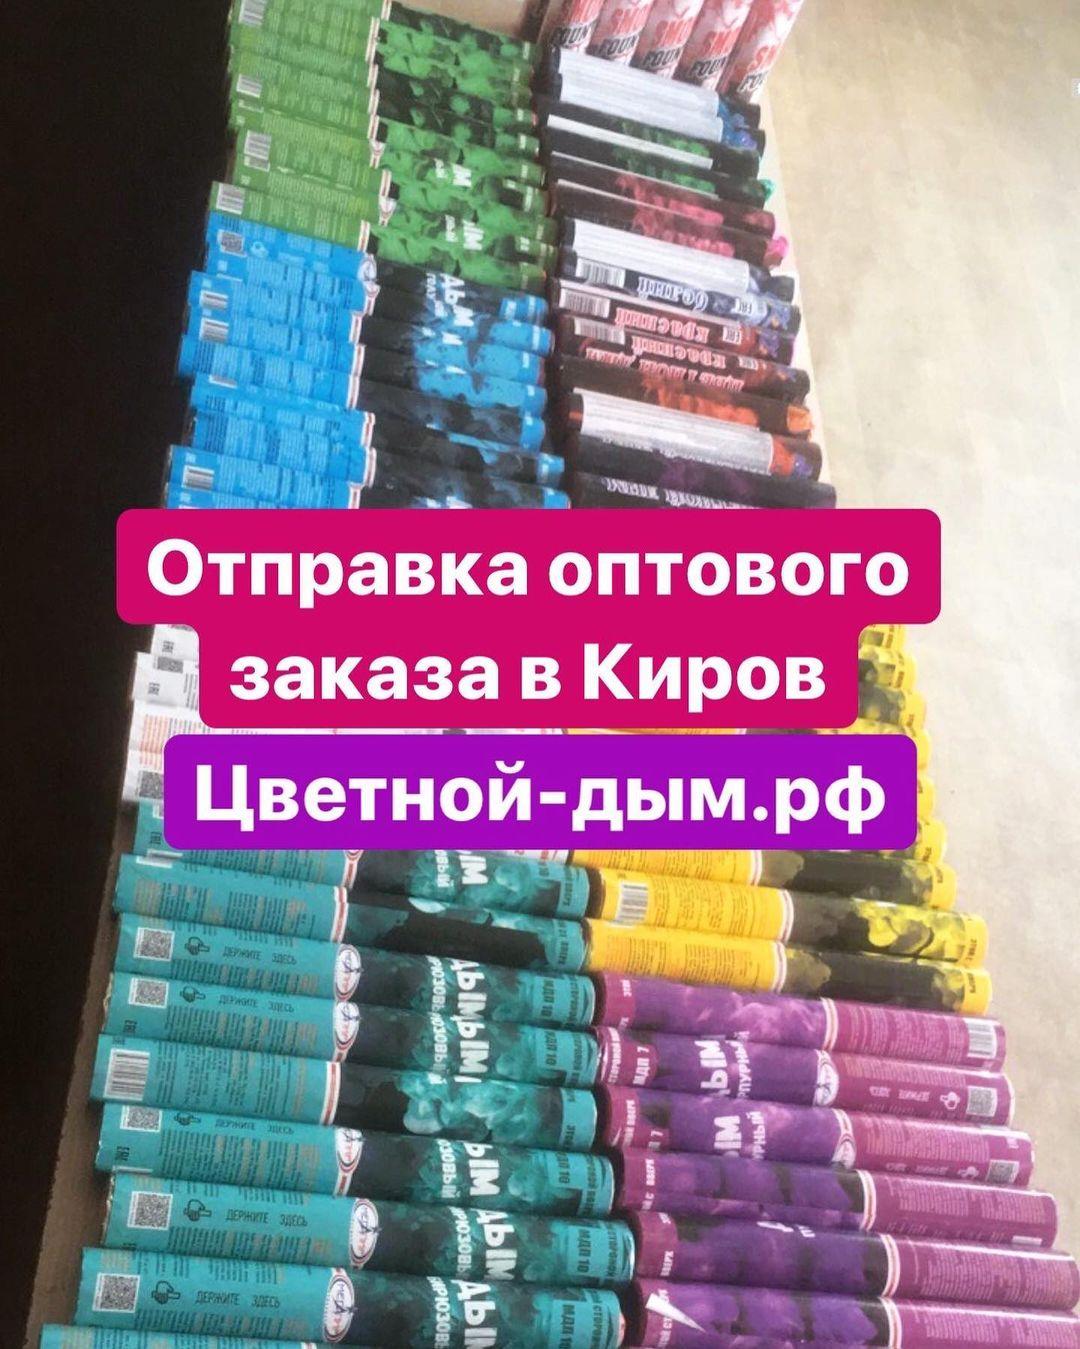 Оптовый заказ цветного дыма - Цветной-дым.рф отзывы